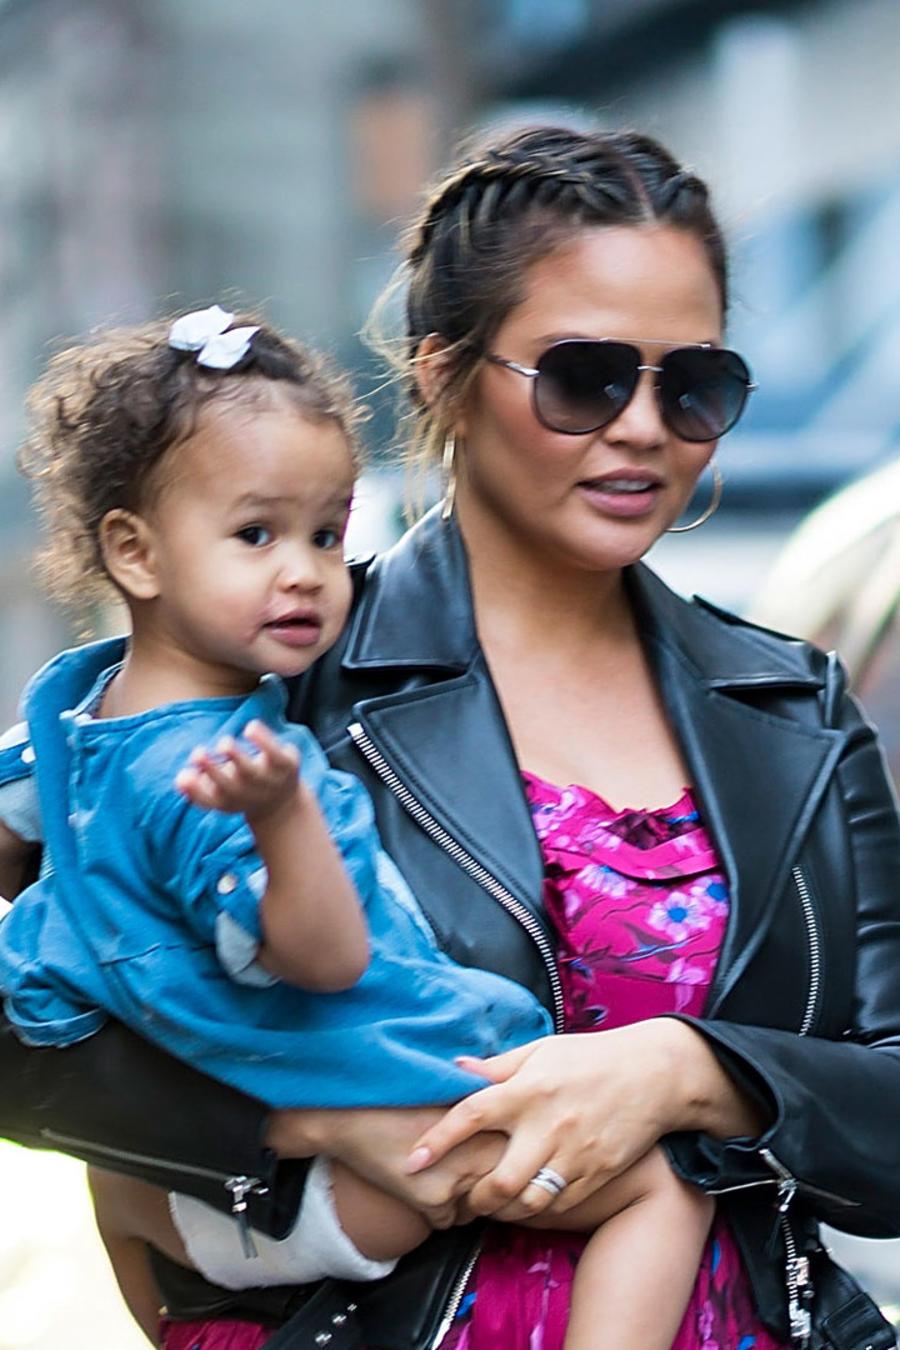 Chrissy Teigen cargando a su hija Luna